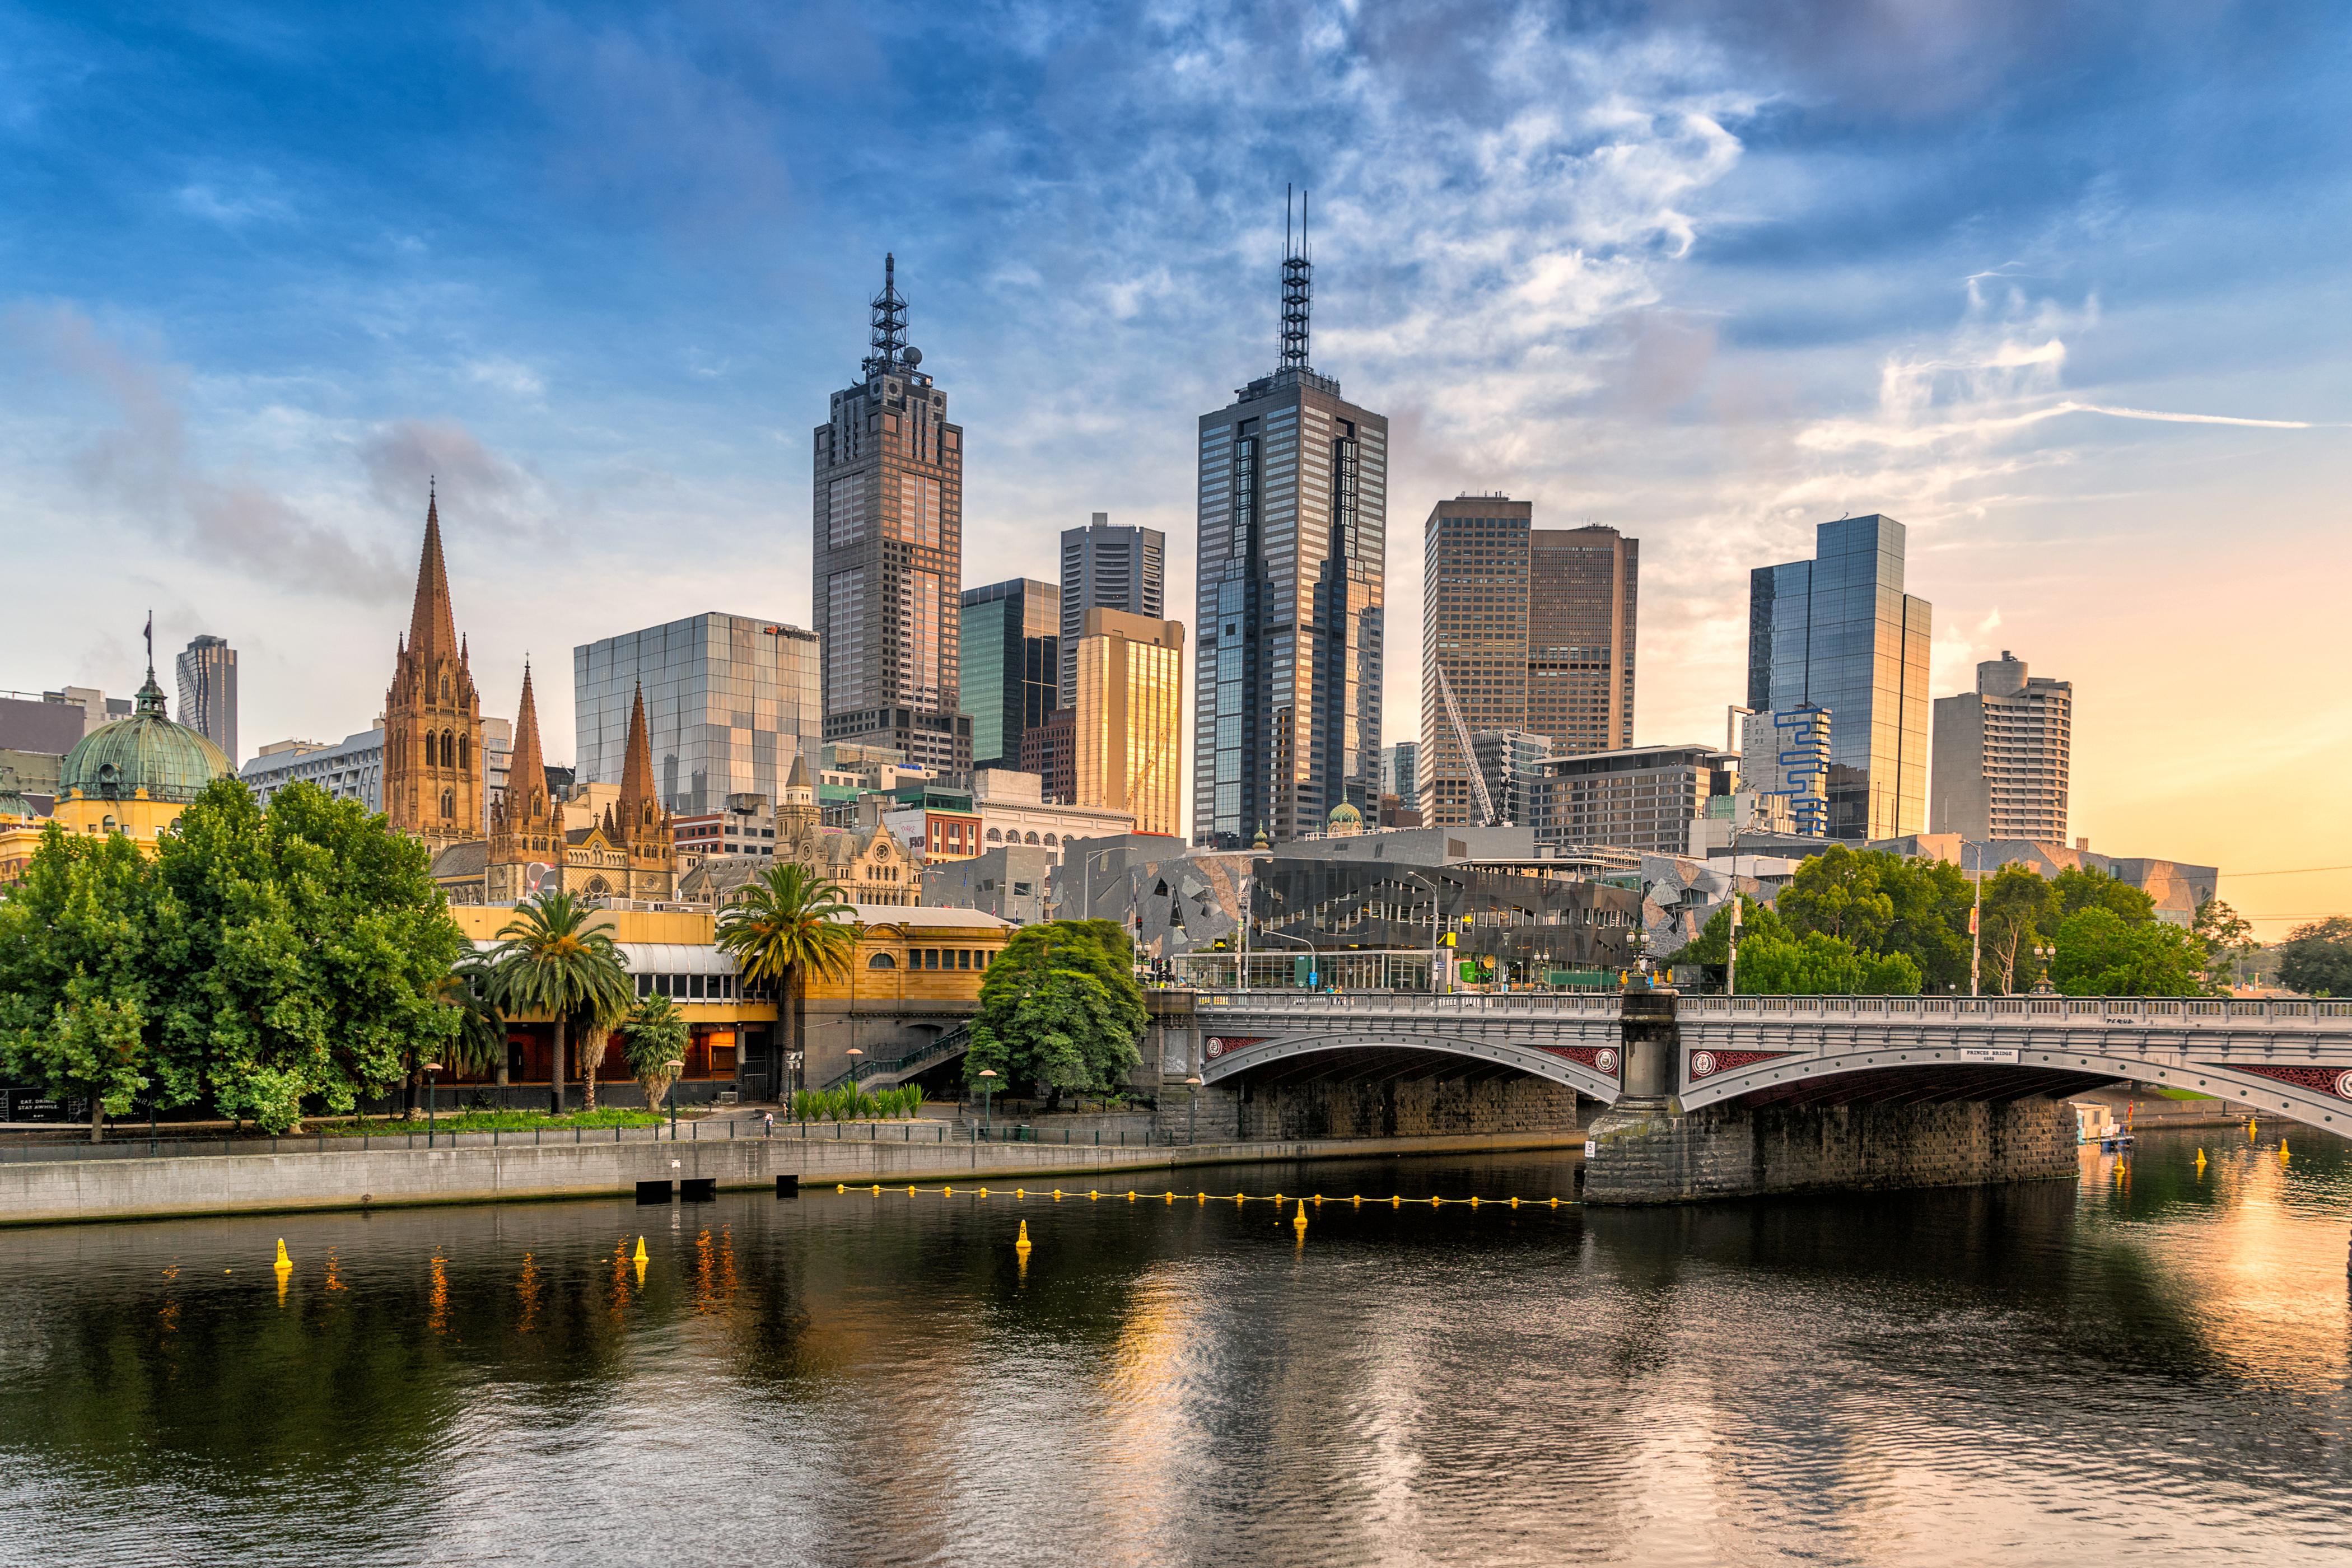 Melbourne es conocida por sus playas y su alto costo de vida. En 2019, también fue clasificada como la cuarta ciudad más cara del mundo para vivir. Este año, el puntaje general de la ciudad australiana se redujo en 0.2 puntos a 9.5 (Shutterstock)